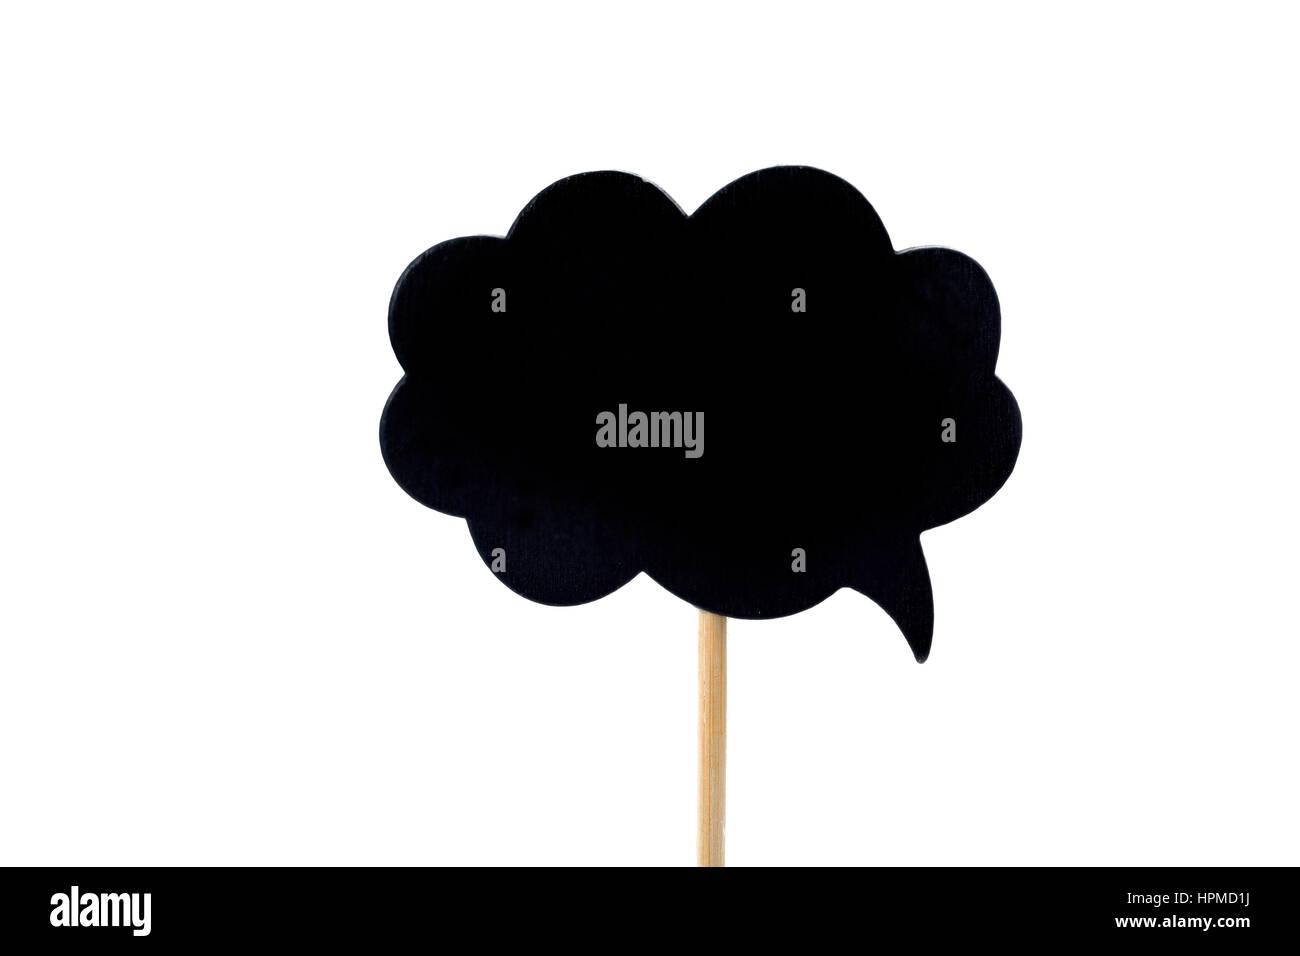 Un vuoto nero cartello a forma di bolla fuzzy, attaccato ad un bastone, contro uno sfondo bianco Immagini Stock